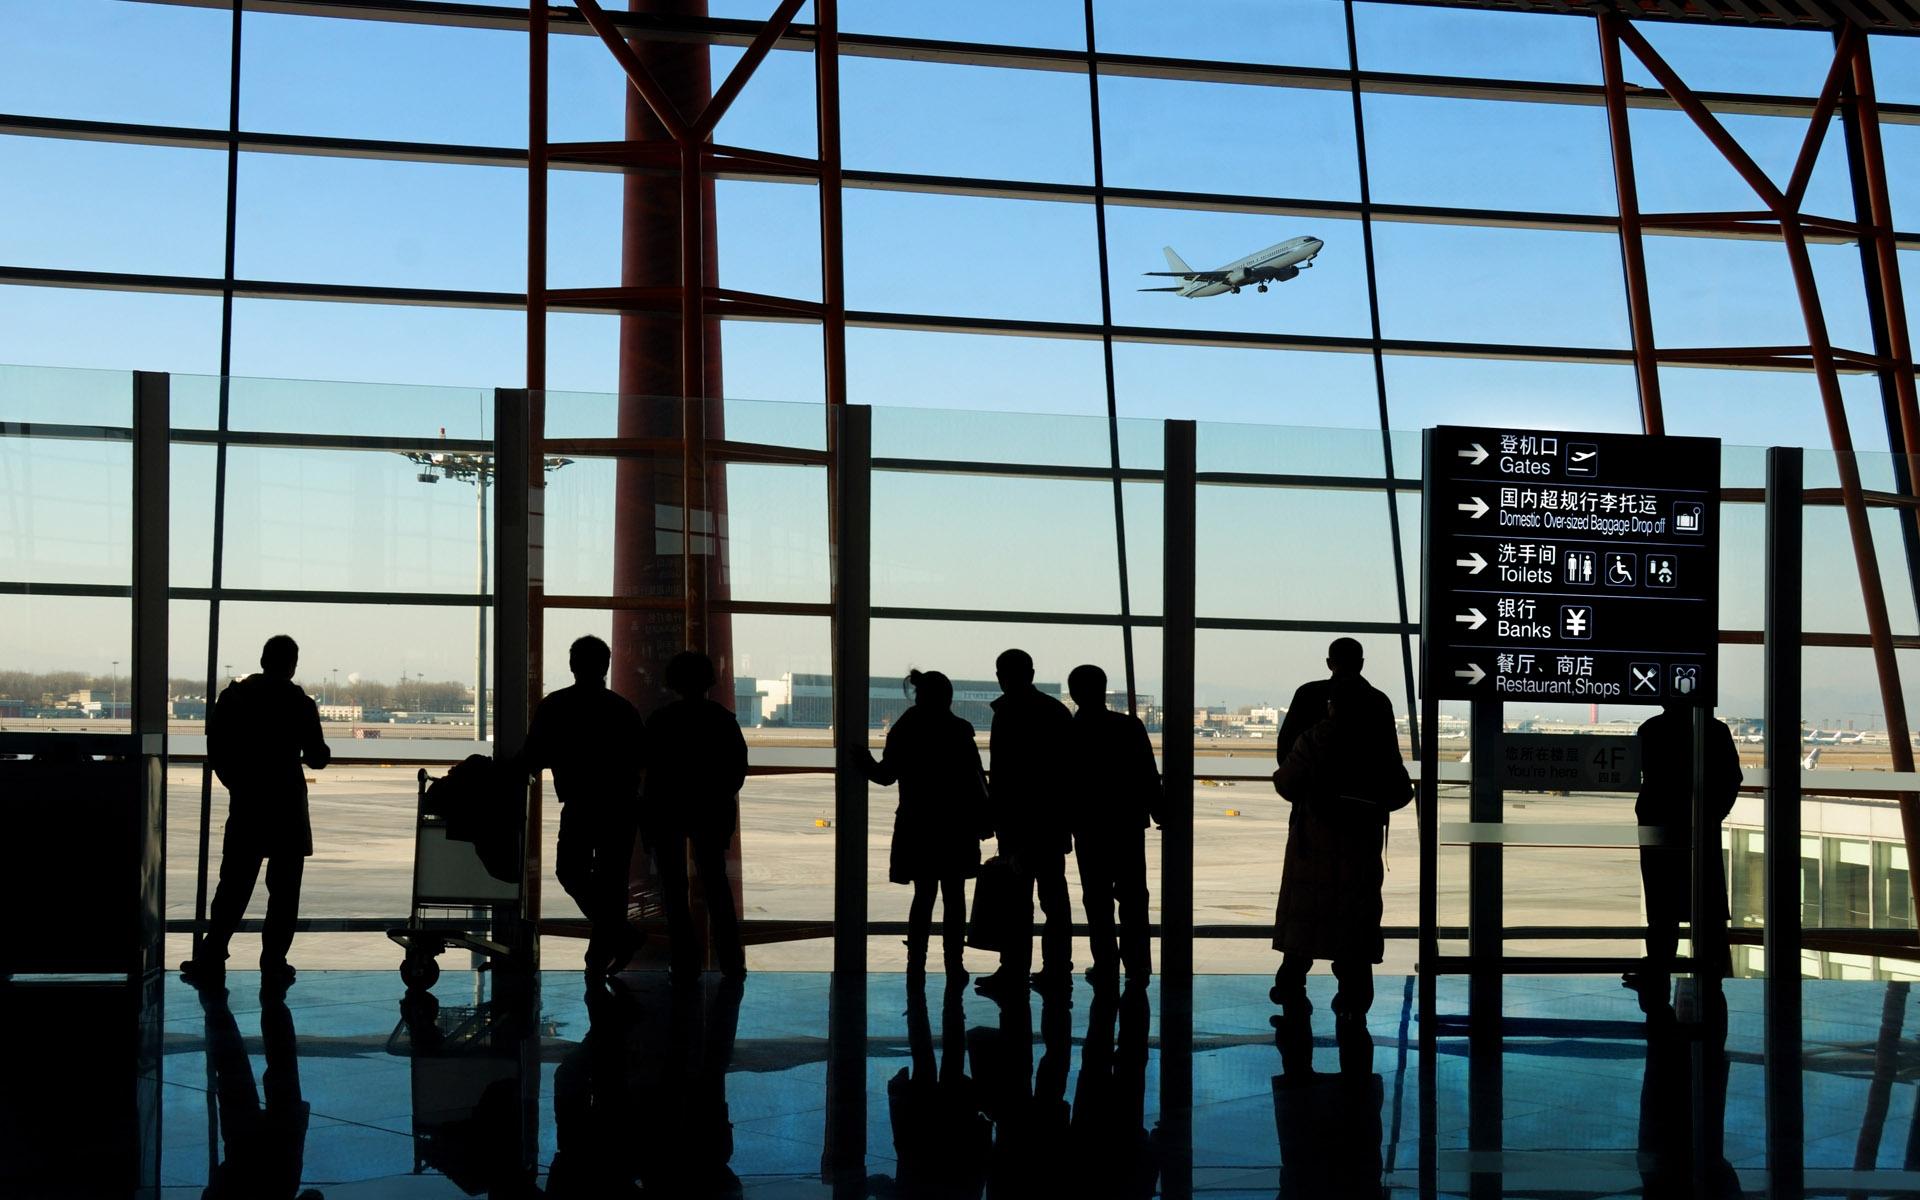 выход из аэропорта загрузить